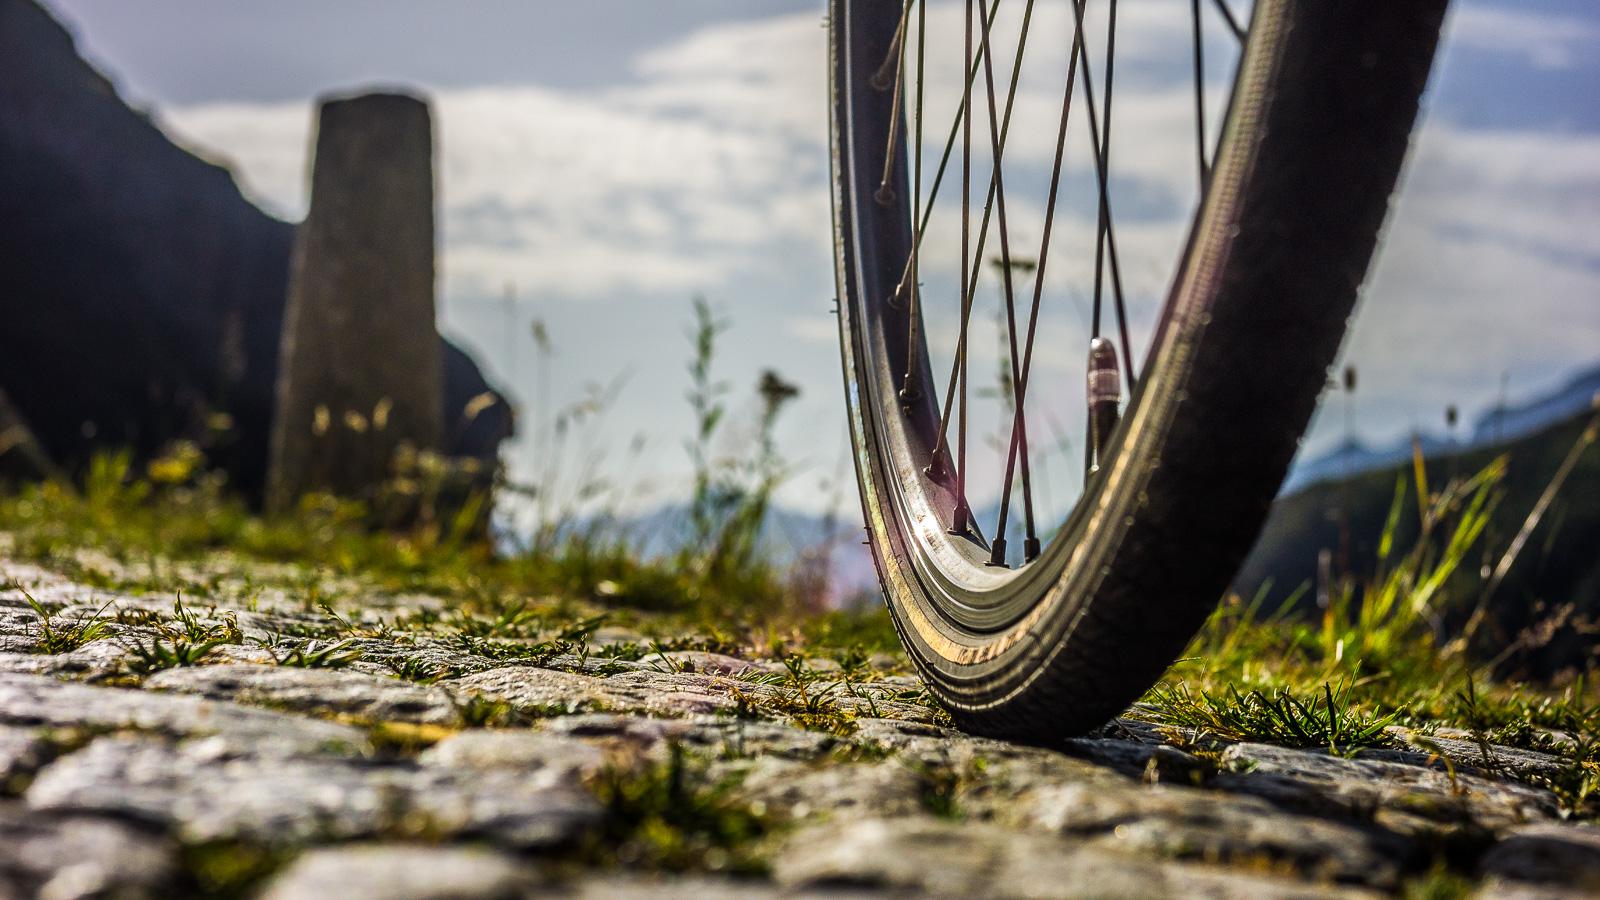 Rennradreifen auf Kopfsteinpflasterstraße vor Bergkulisse